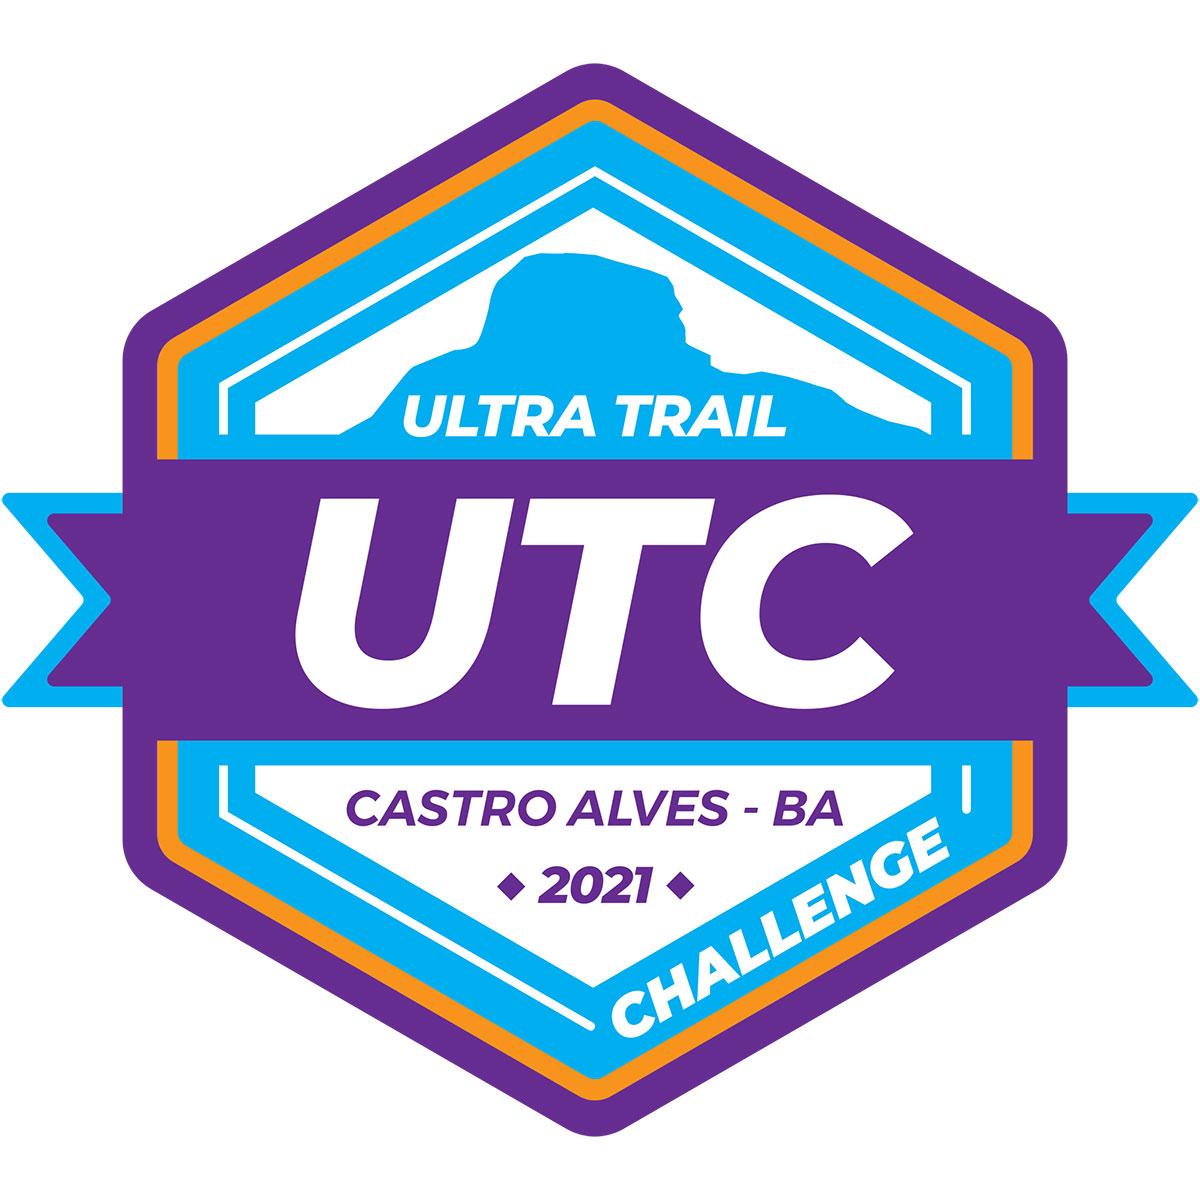 UTCA Ultra Trail Castro Alves 2021